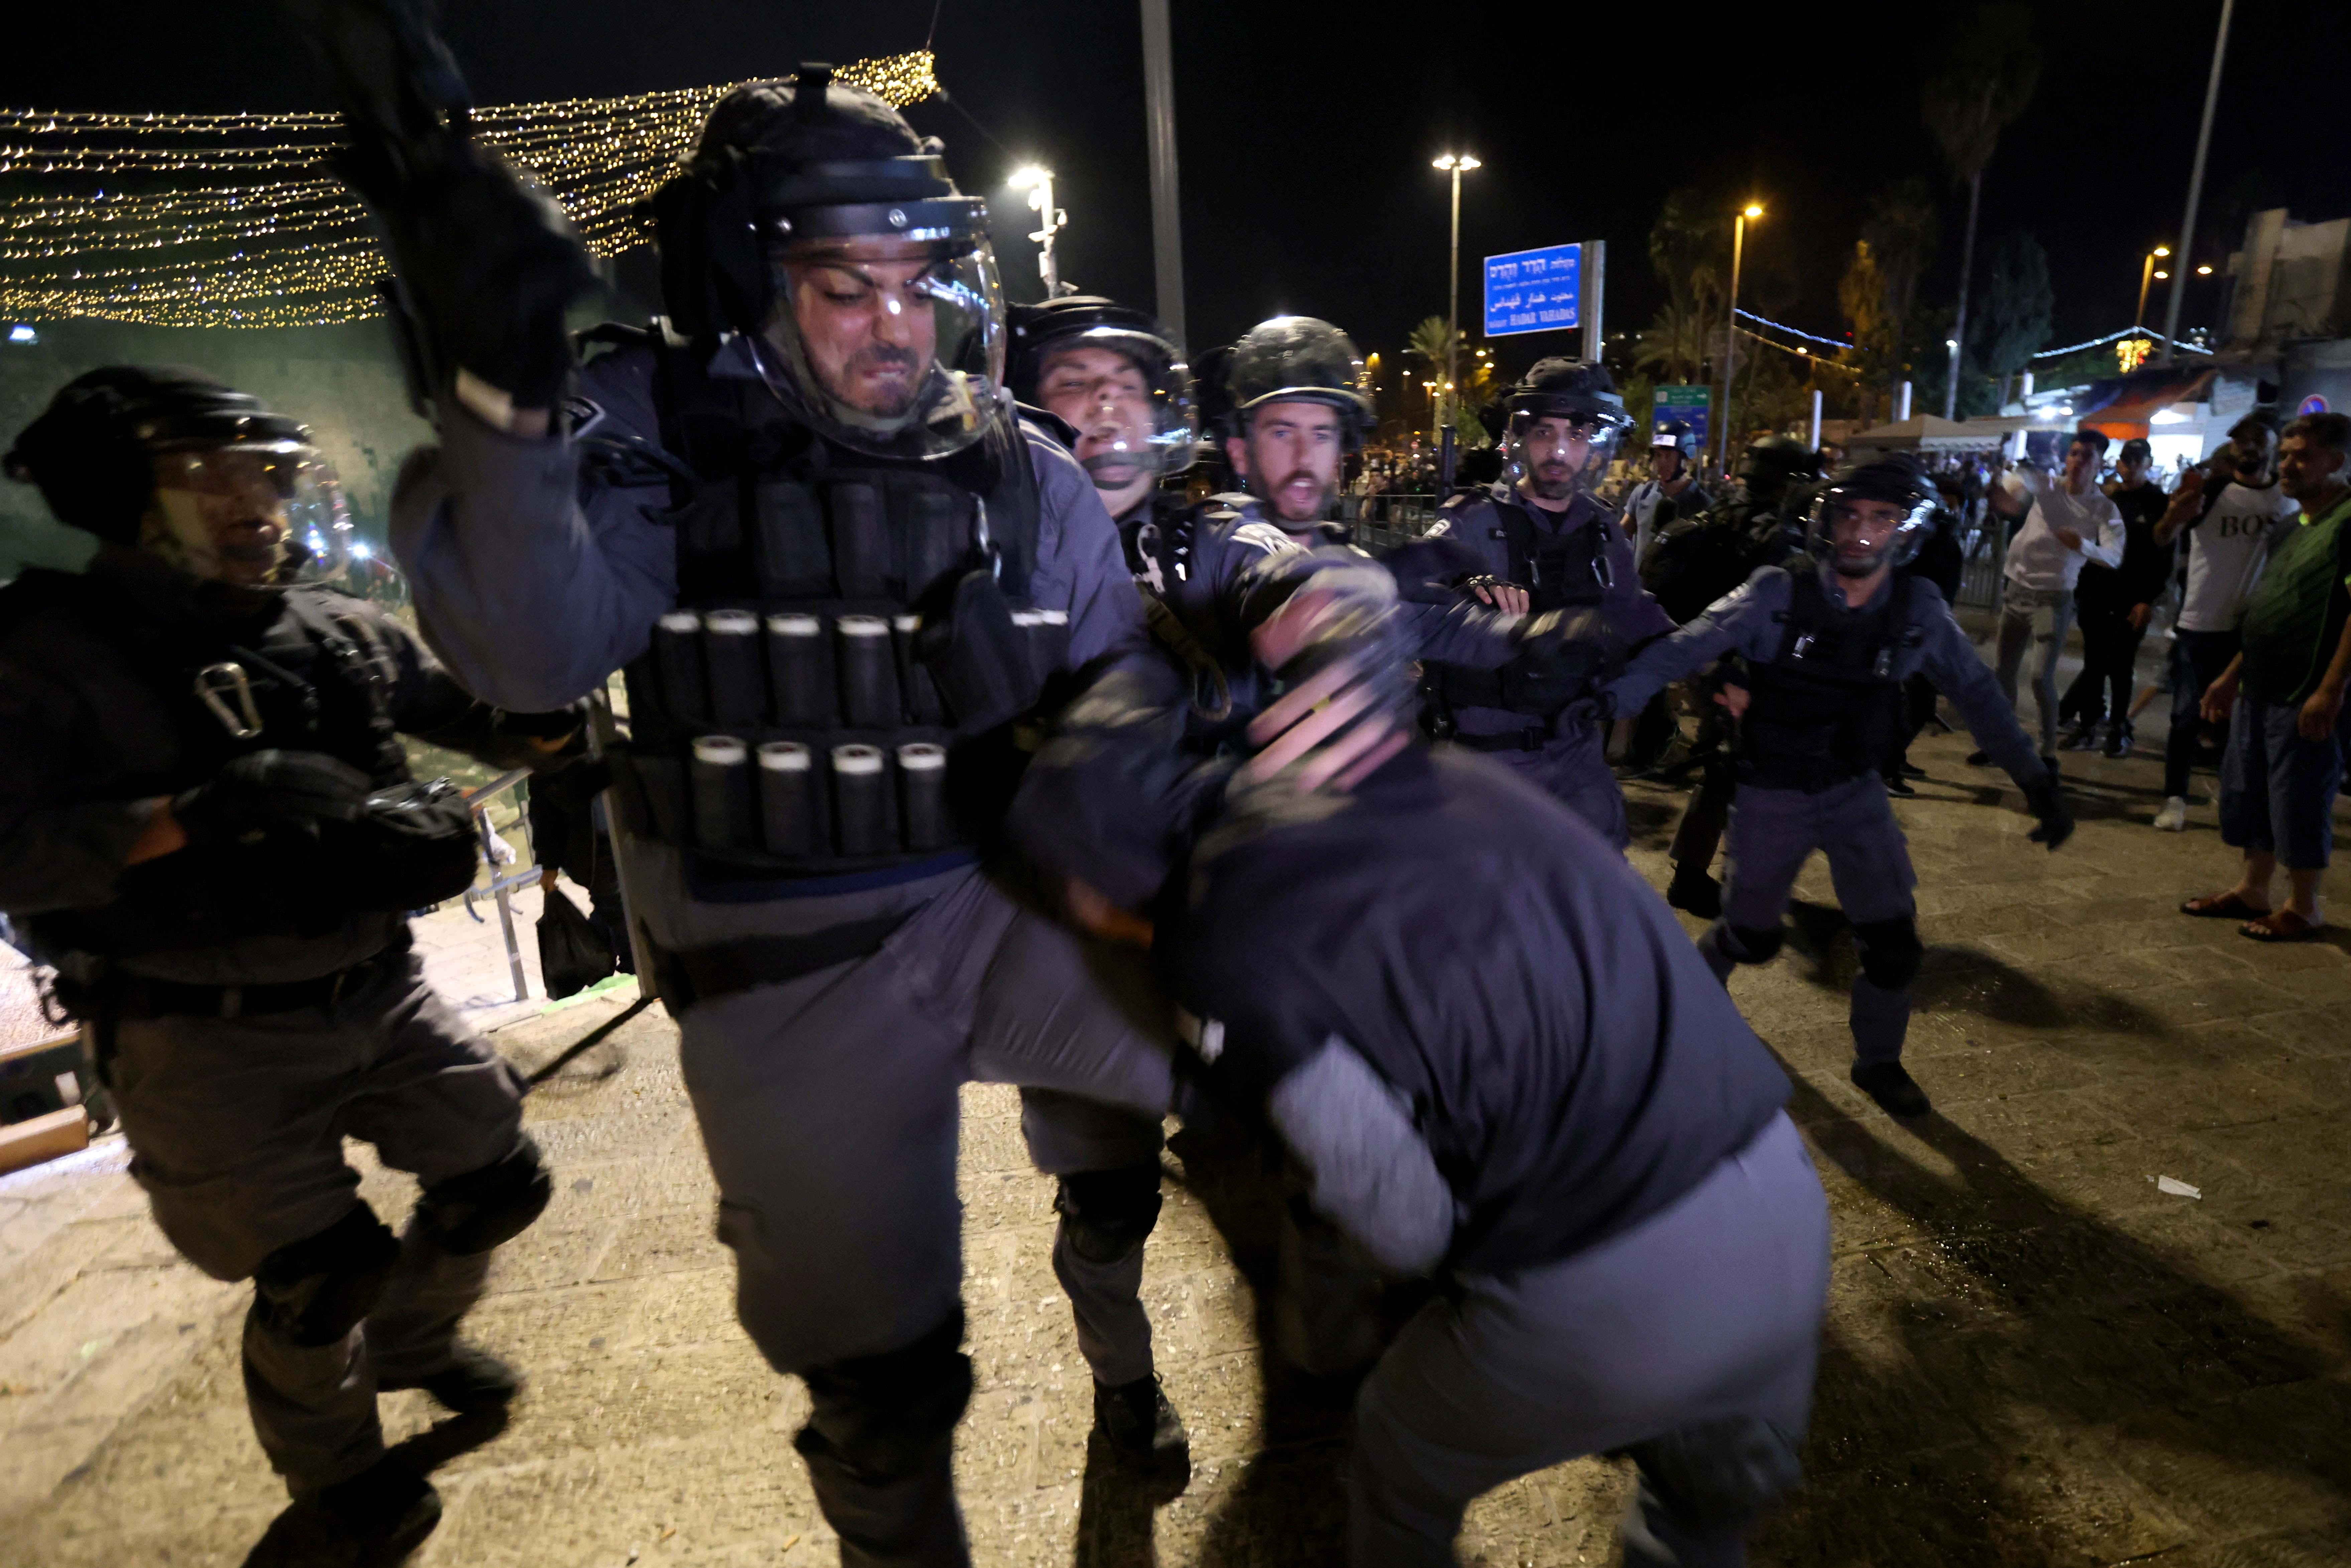 الأسابيع الأخيرة شهدت تصاعدا بالتوتر في القدس.